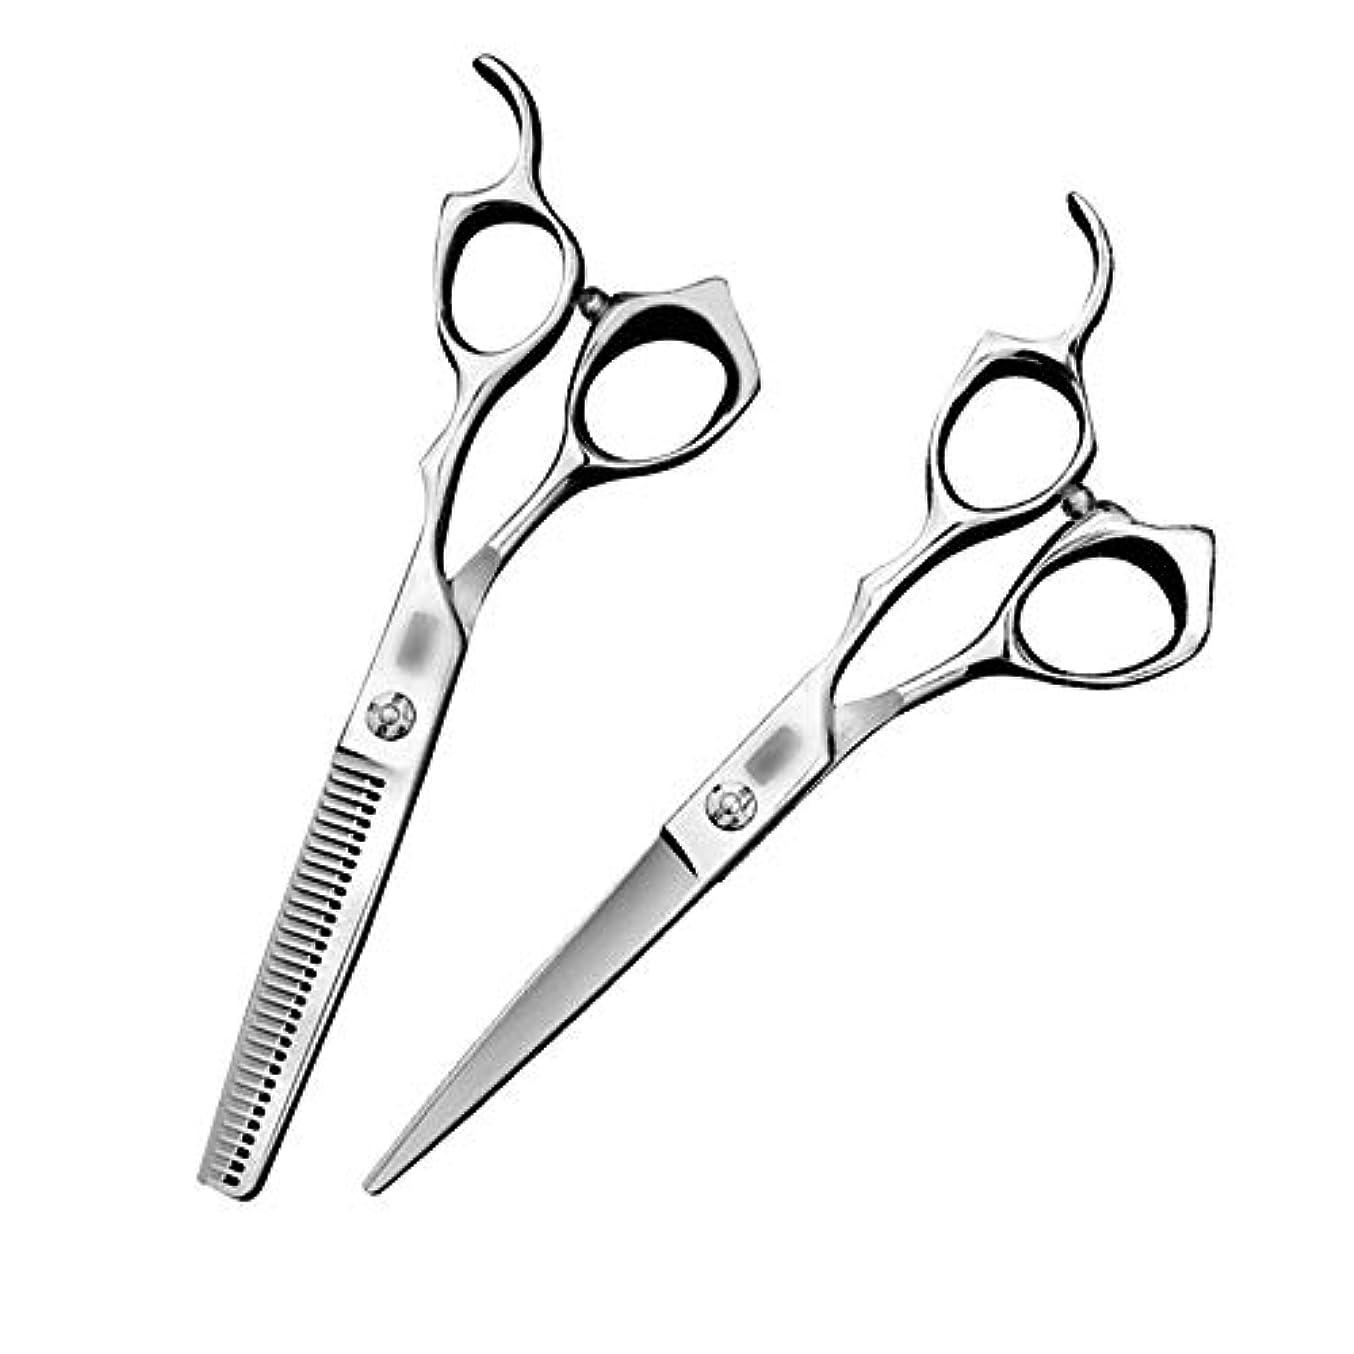 再集計階思想HXS-HXS 6インチの美容専門ハイエンド理髪はさみ散髪はさみフラット+トゥースはさみセット(カラー:シルバー) 理髪はさみ